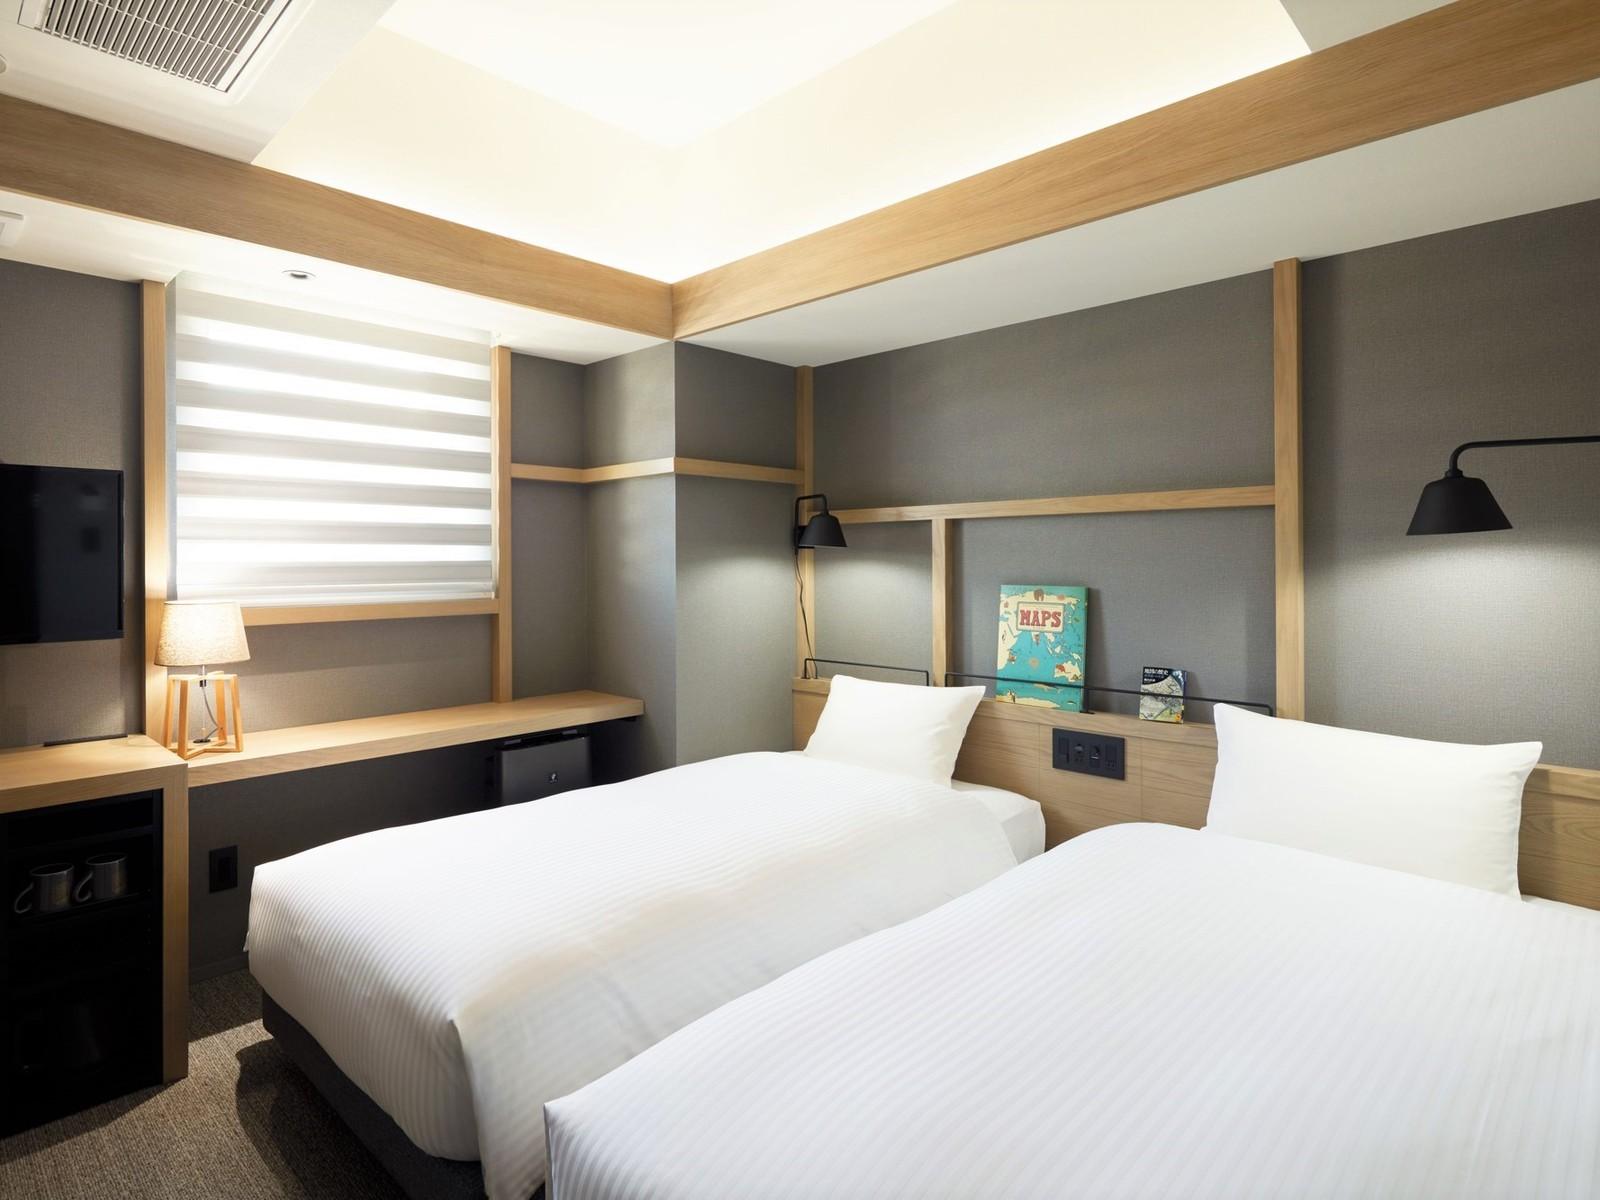 ランプライトブックスホテル札幌 / スタンダードツイン【禁煙】